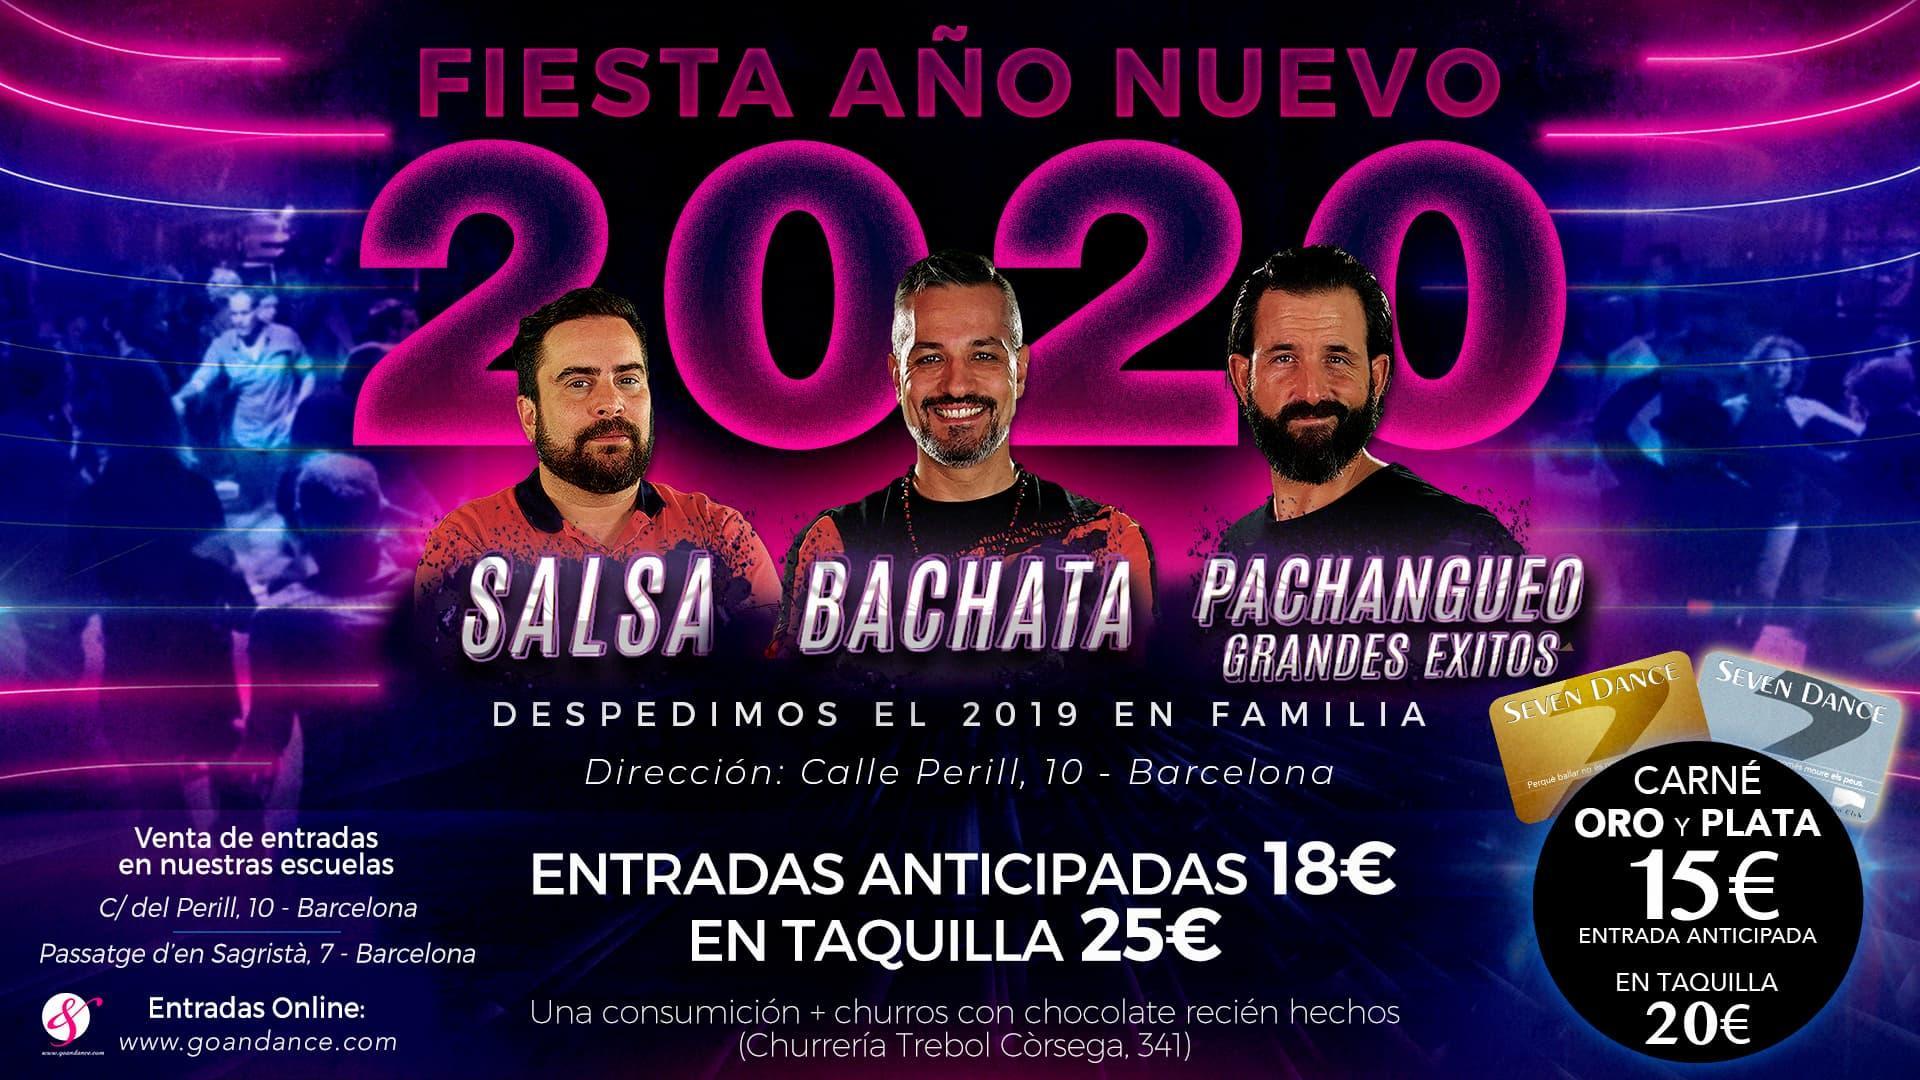 Fiesta Fin de Año 2019 y Año Nuevo 2020 en Seven Dance escuelas de baile